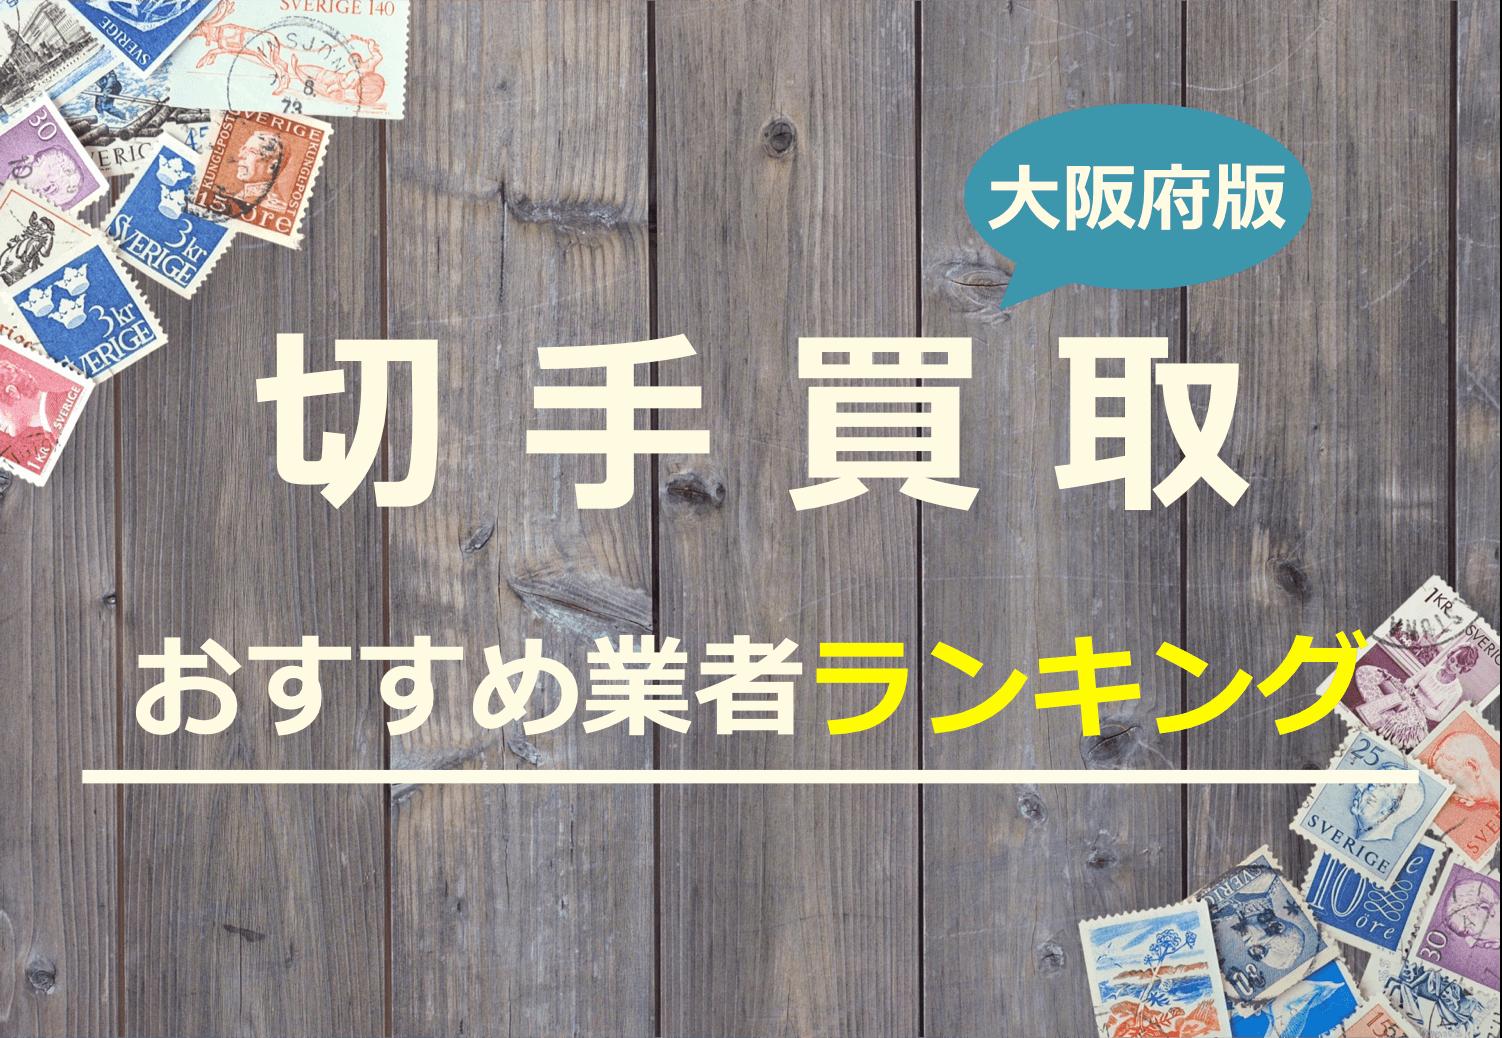 大阪府でおすすめの大手の切手買取業者